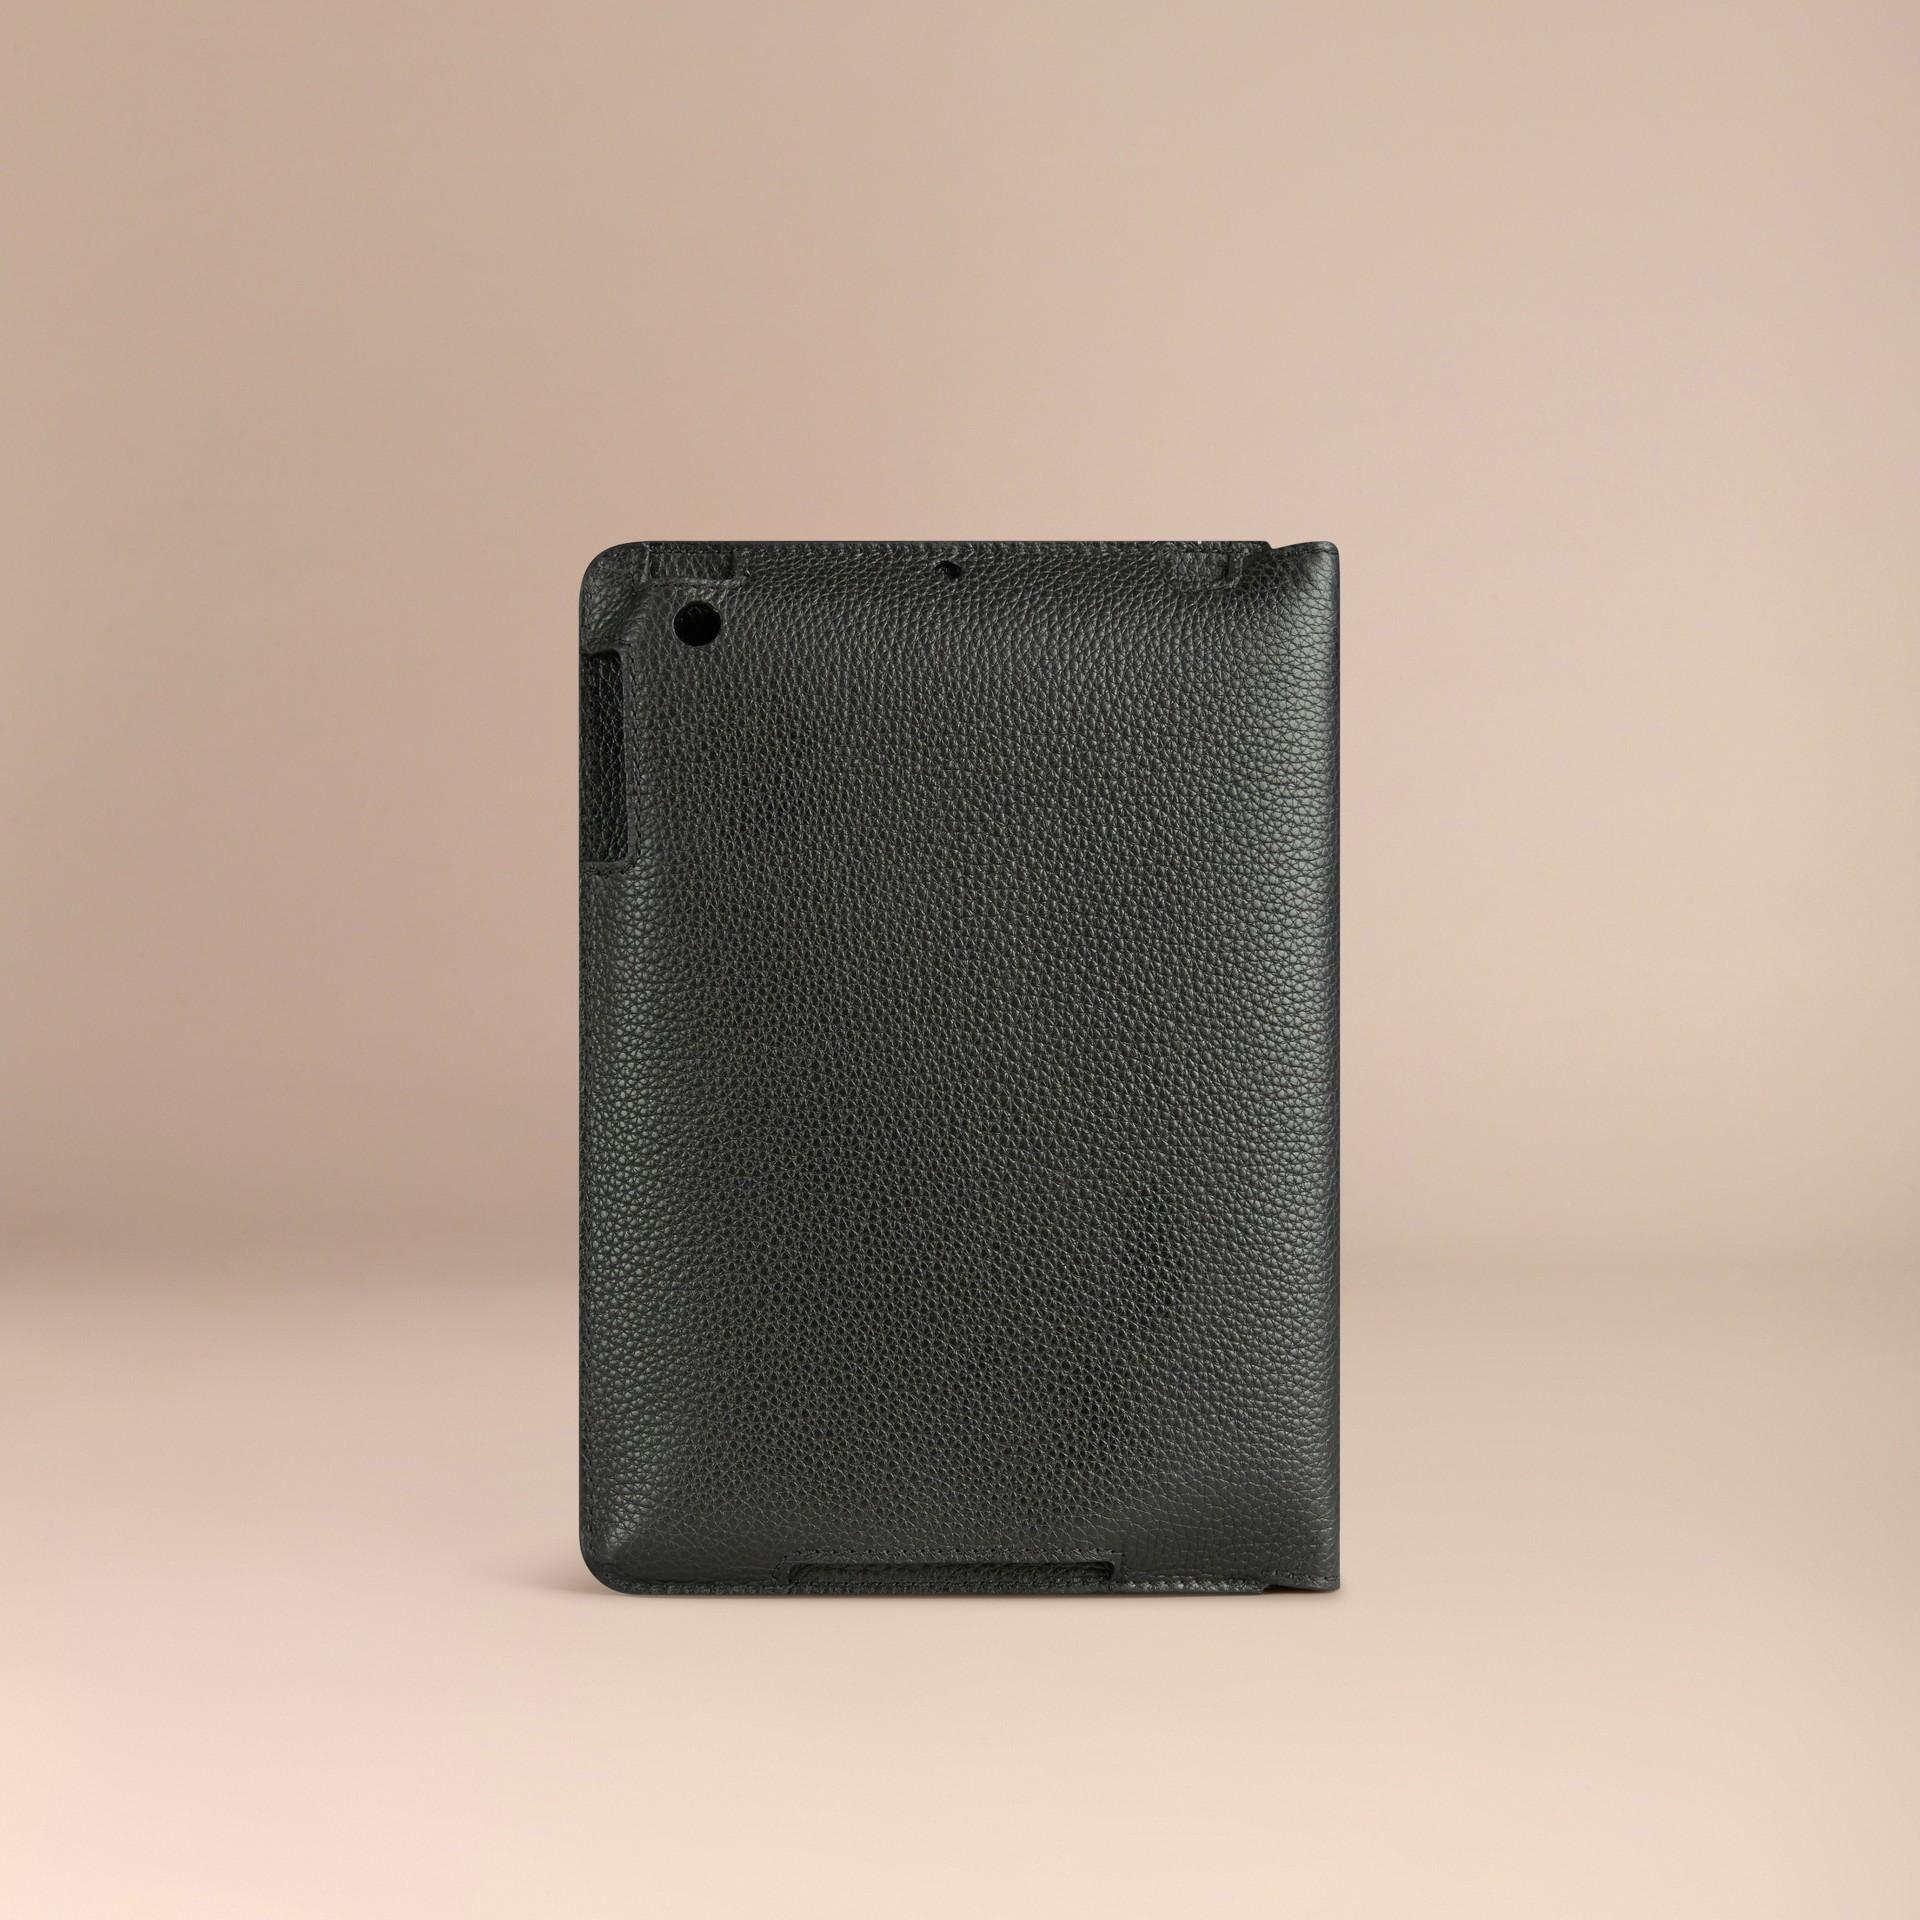 Nero Custodia per iPad mini in pelle a grana Nero - immagine della galleria 2